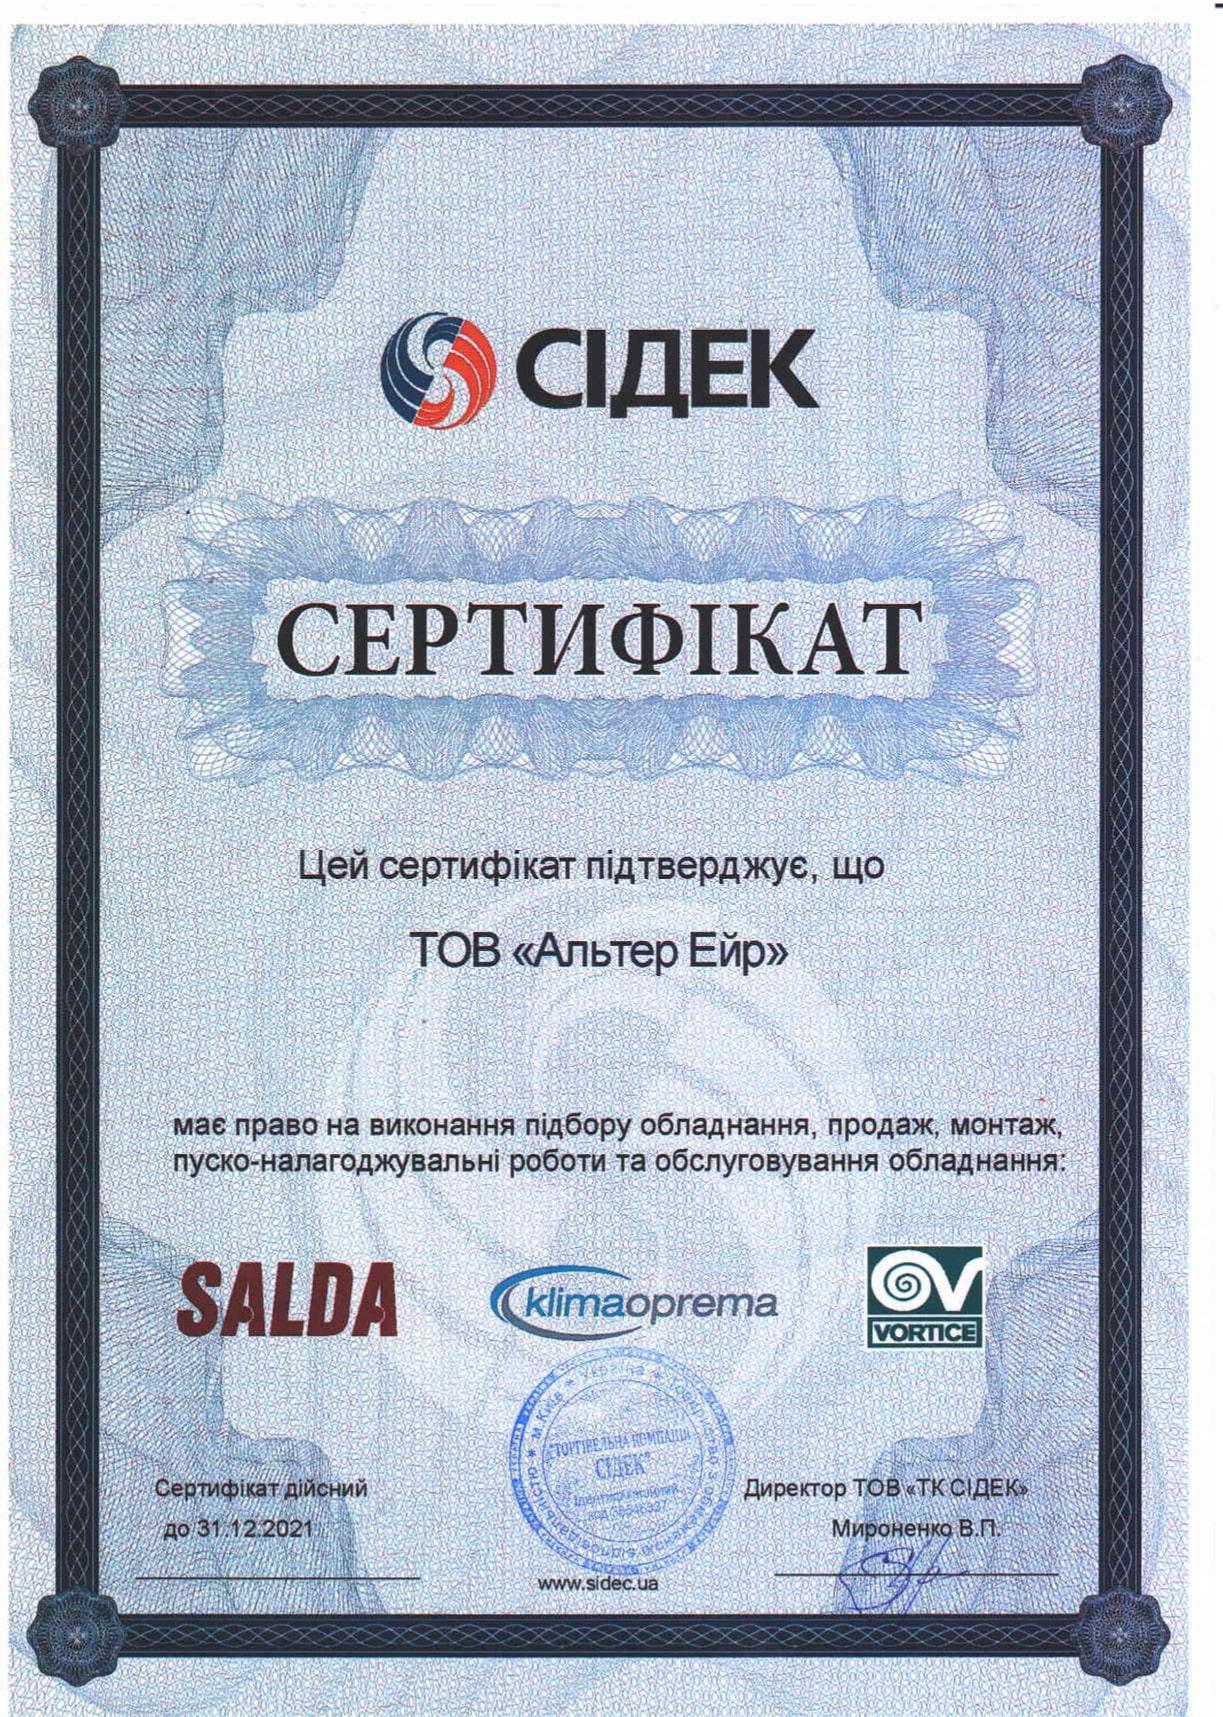 Сертификат официального дилера Salda, Vortice